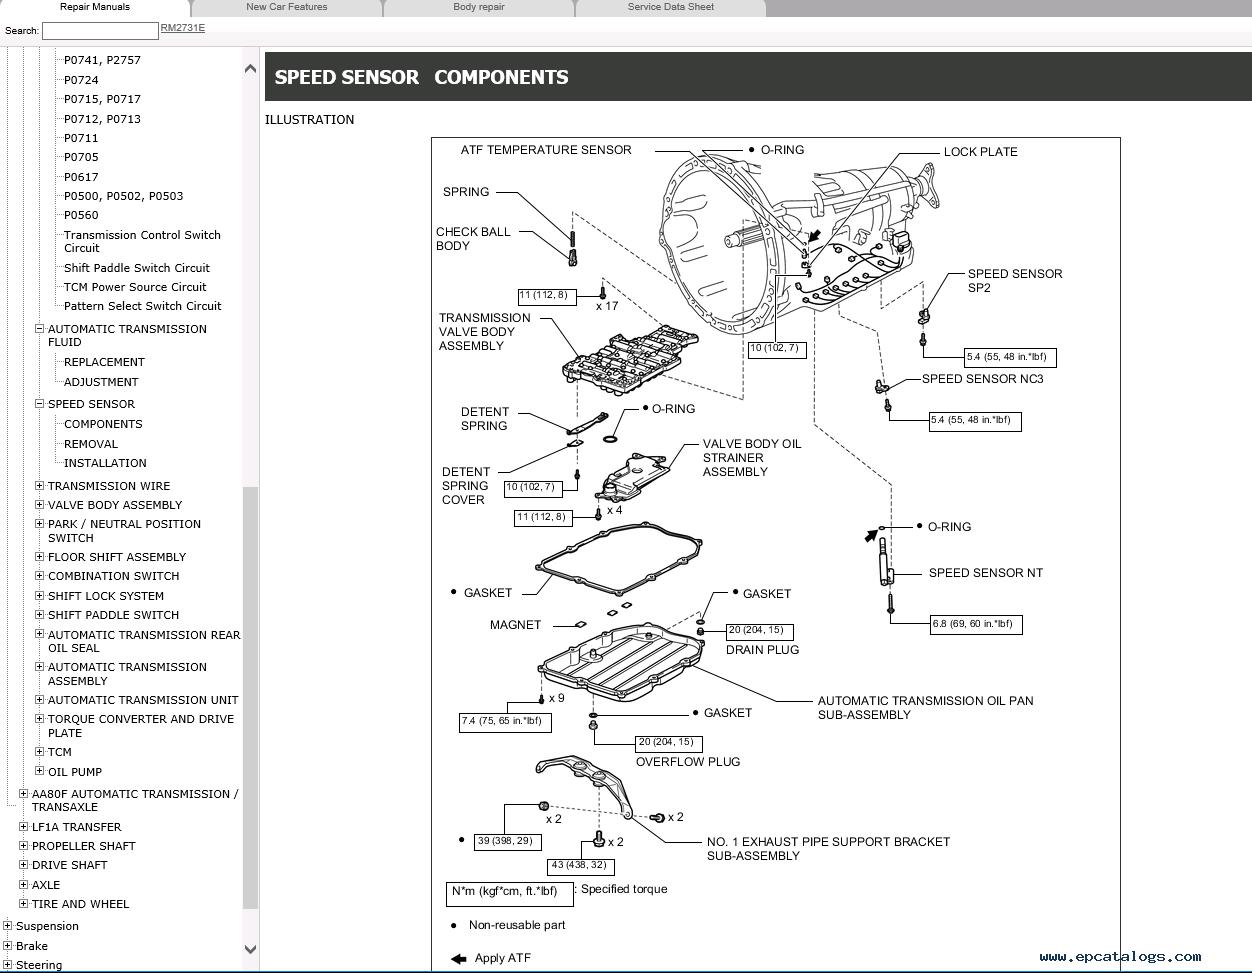 Lexus Ls460 Repair Manual 09 Download